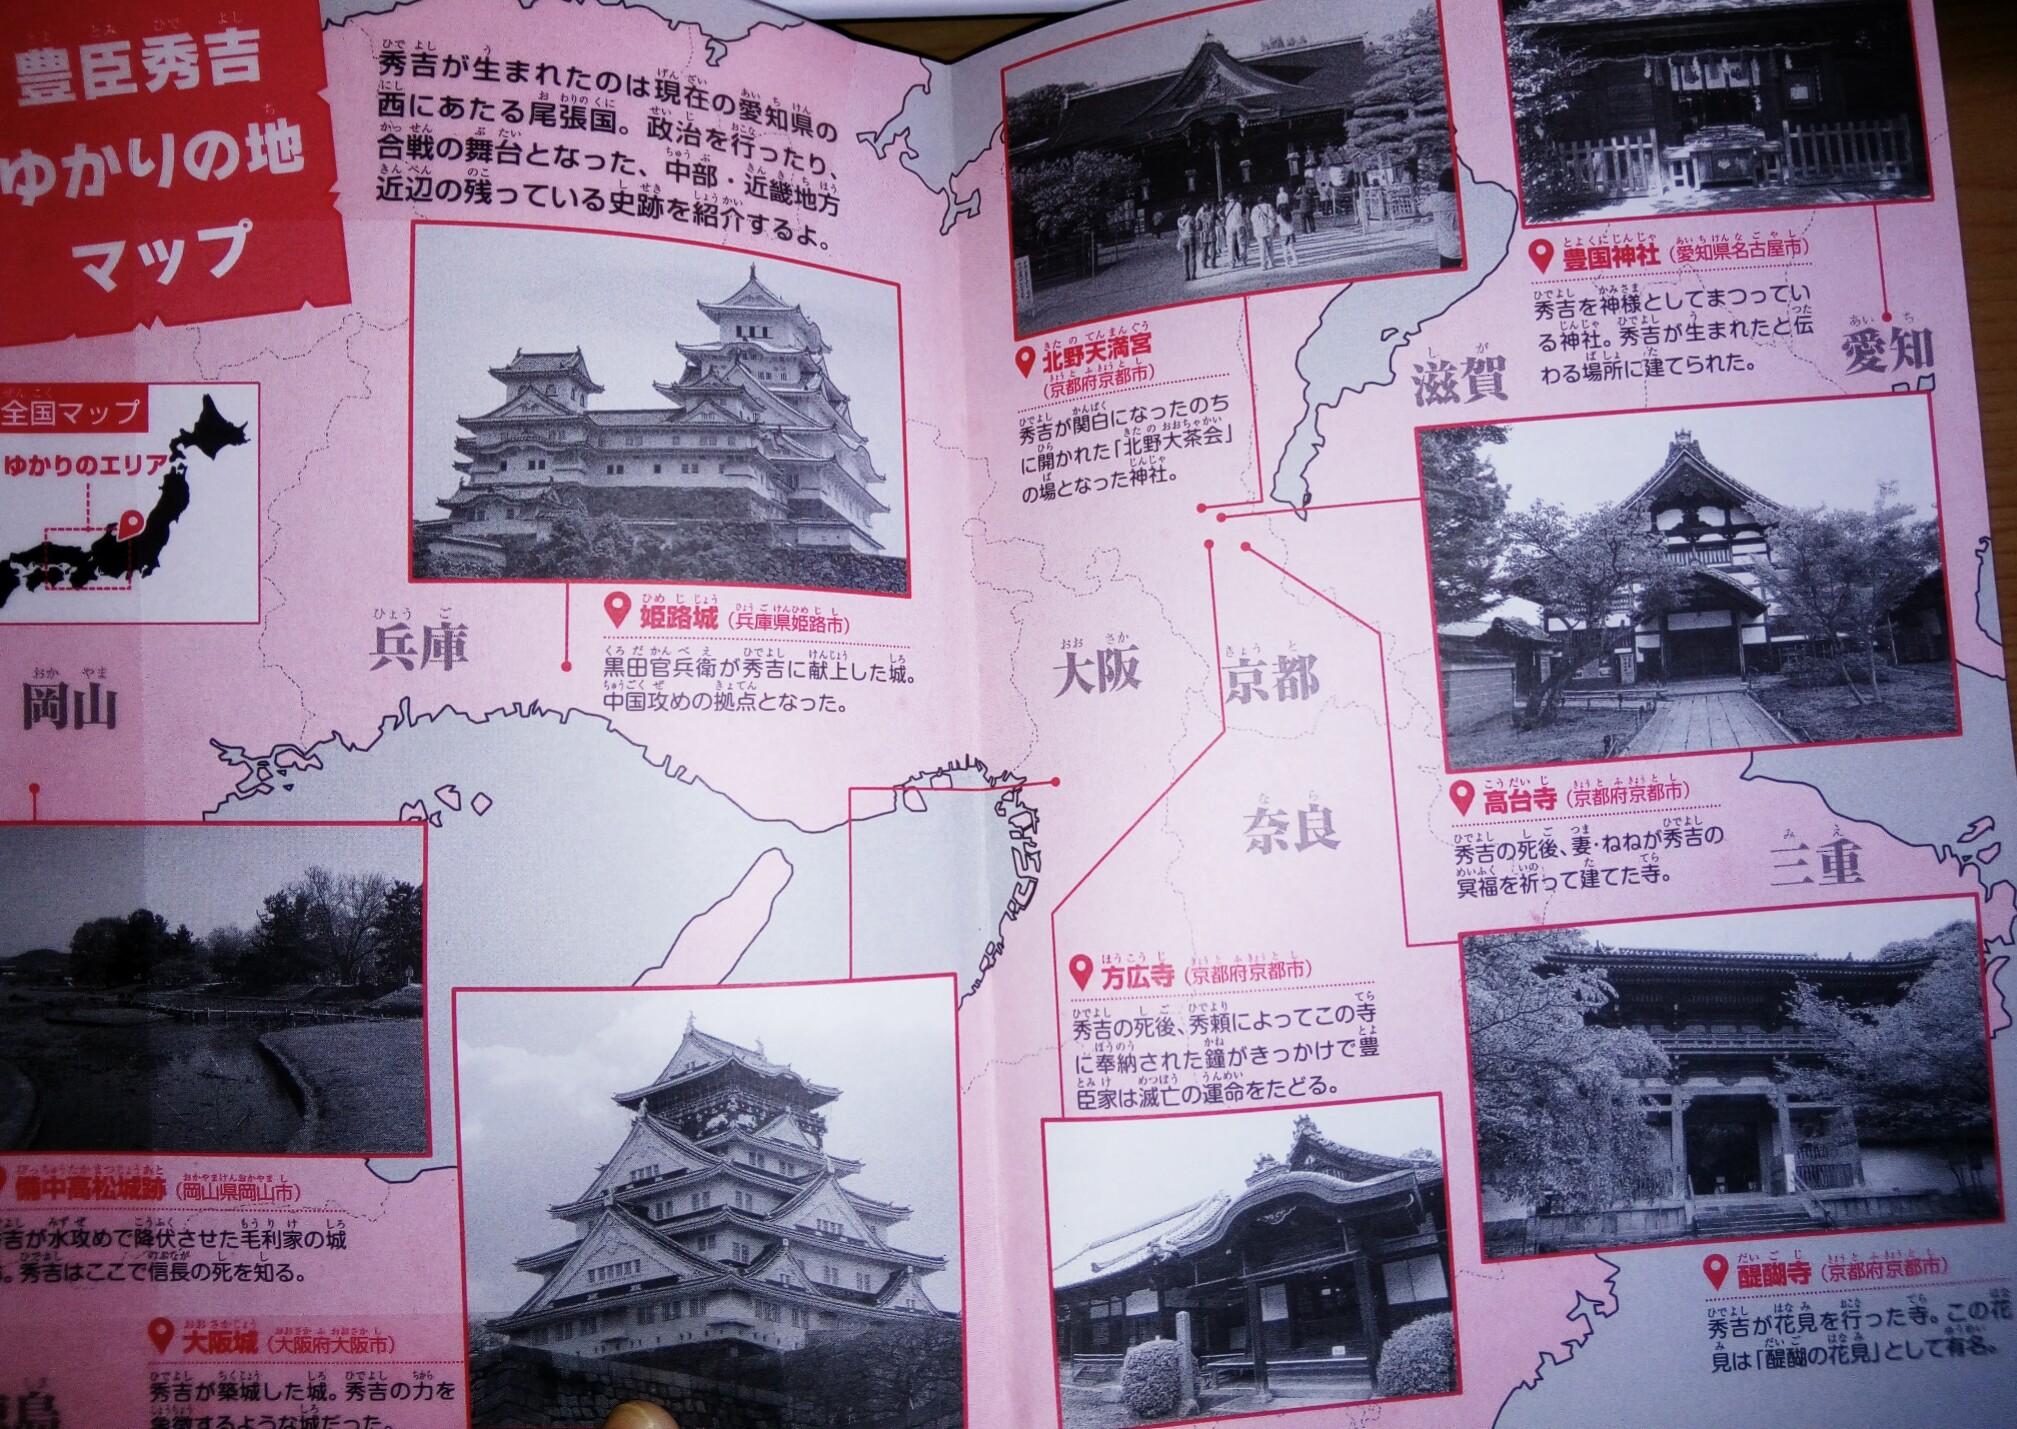 日本史学習の基本は漫画にあり小学生にお勧め学習漫画は?